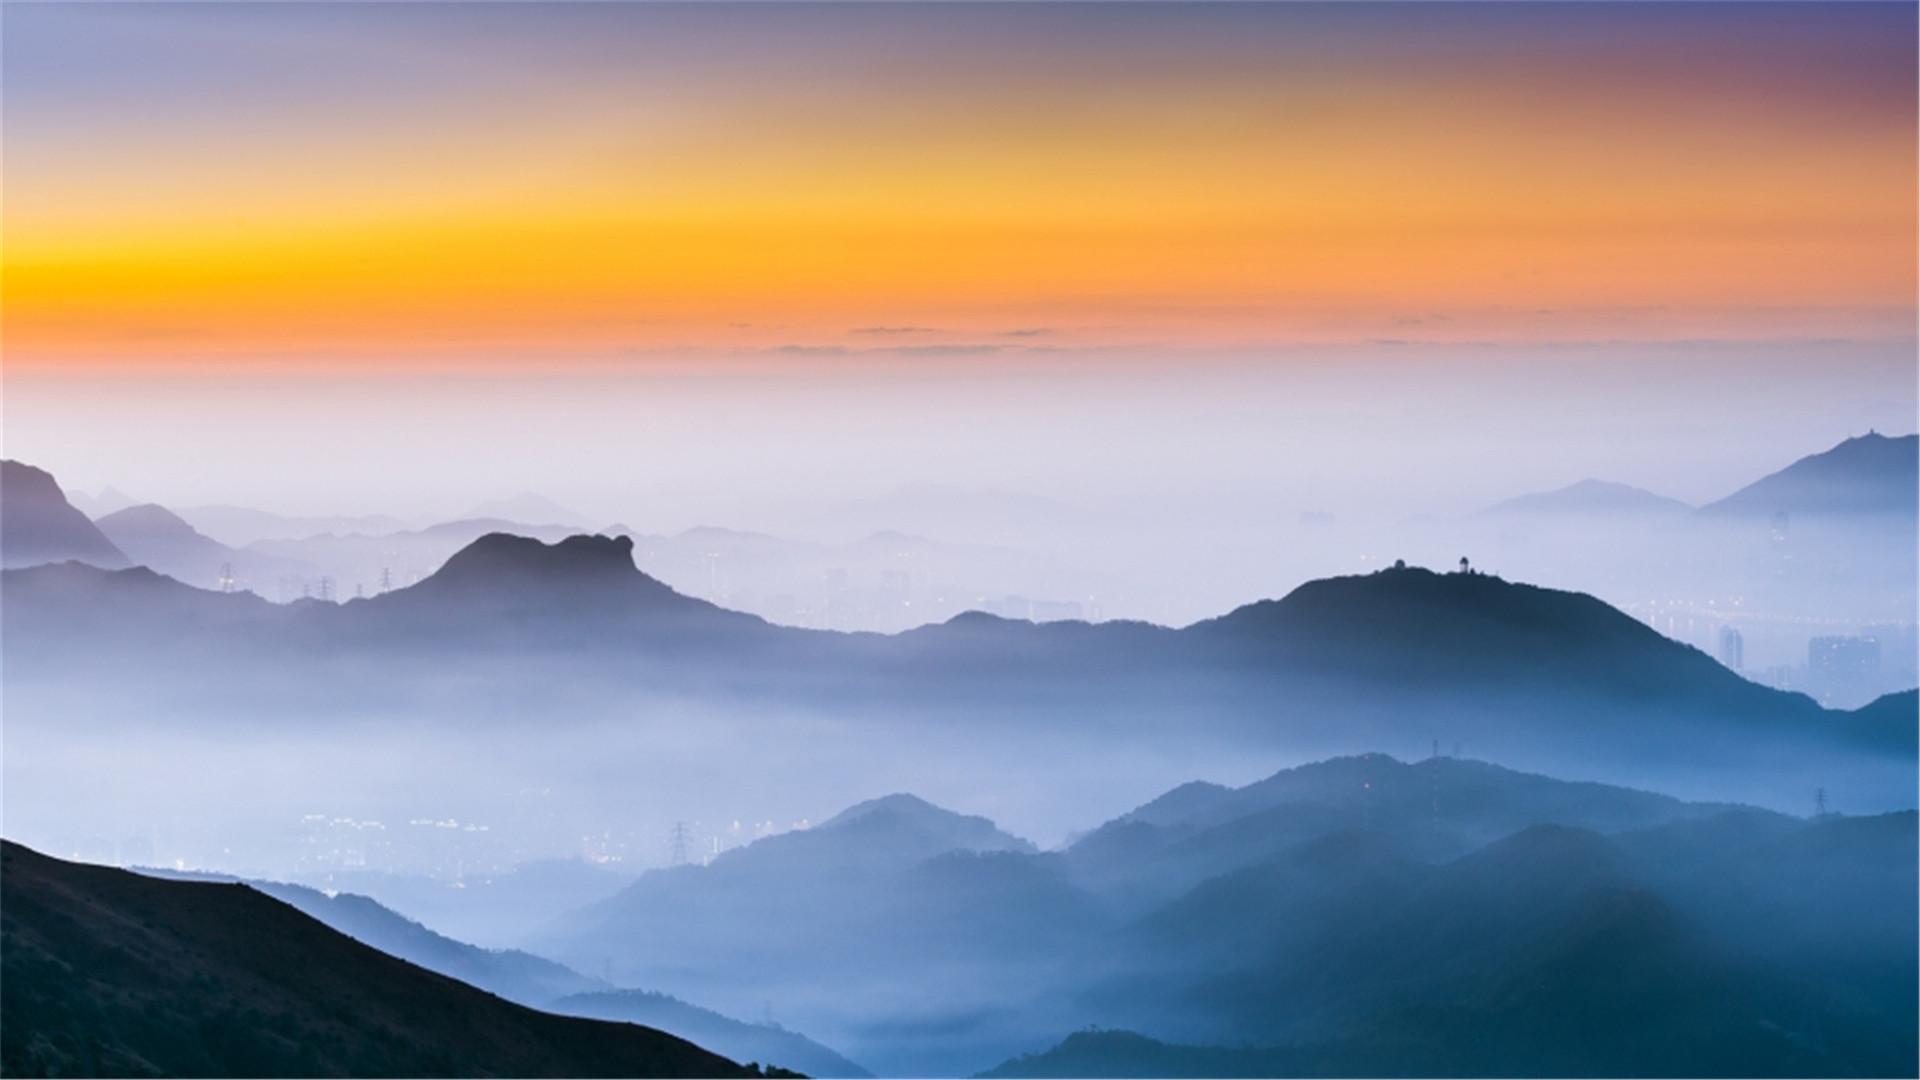 高清唯美自然风景桌面壁纸